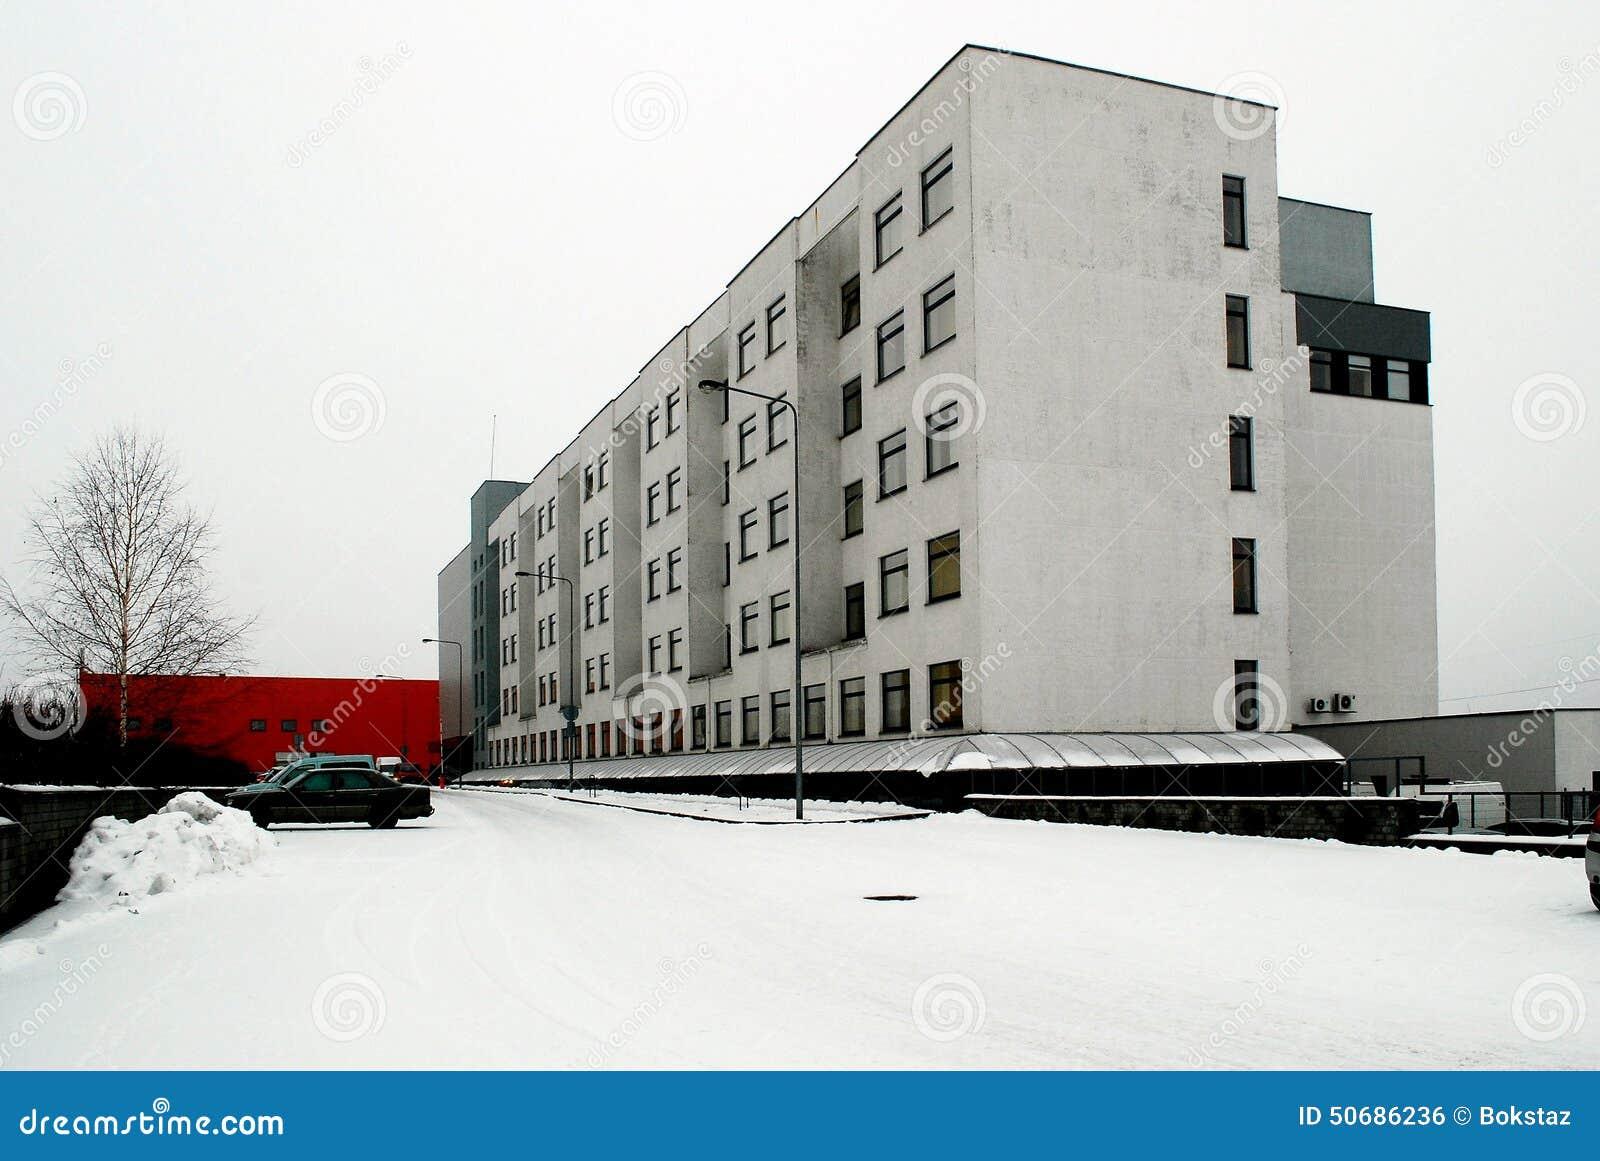 Download 冬天在立陶宛维尔纽斯市Pasilaiciai区的首都 库存照片. 图片 包括有 立陶宛, 立陶宛语, 多雪 - 50686236